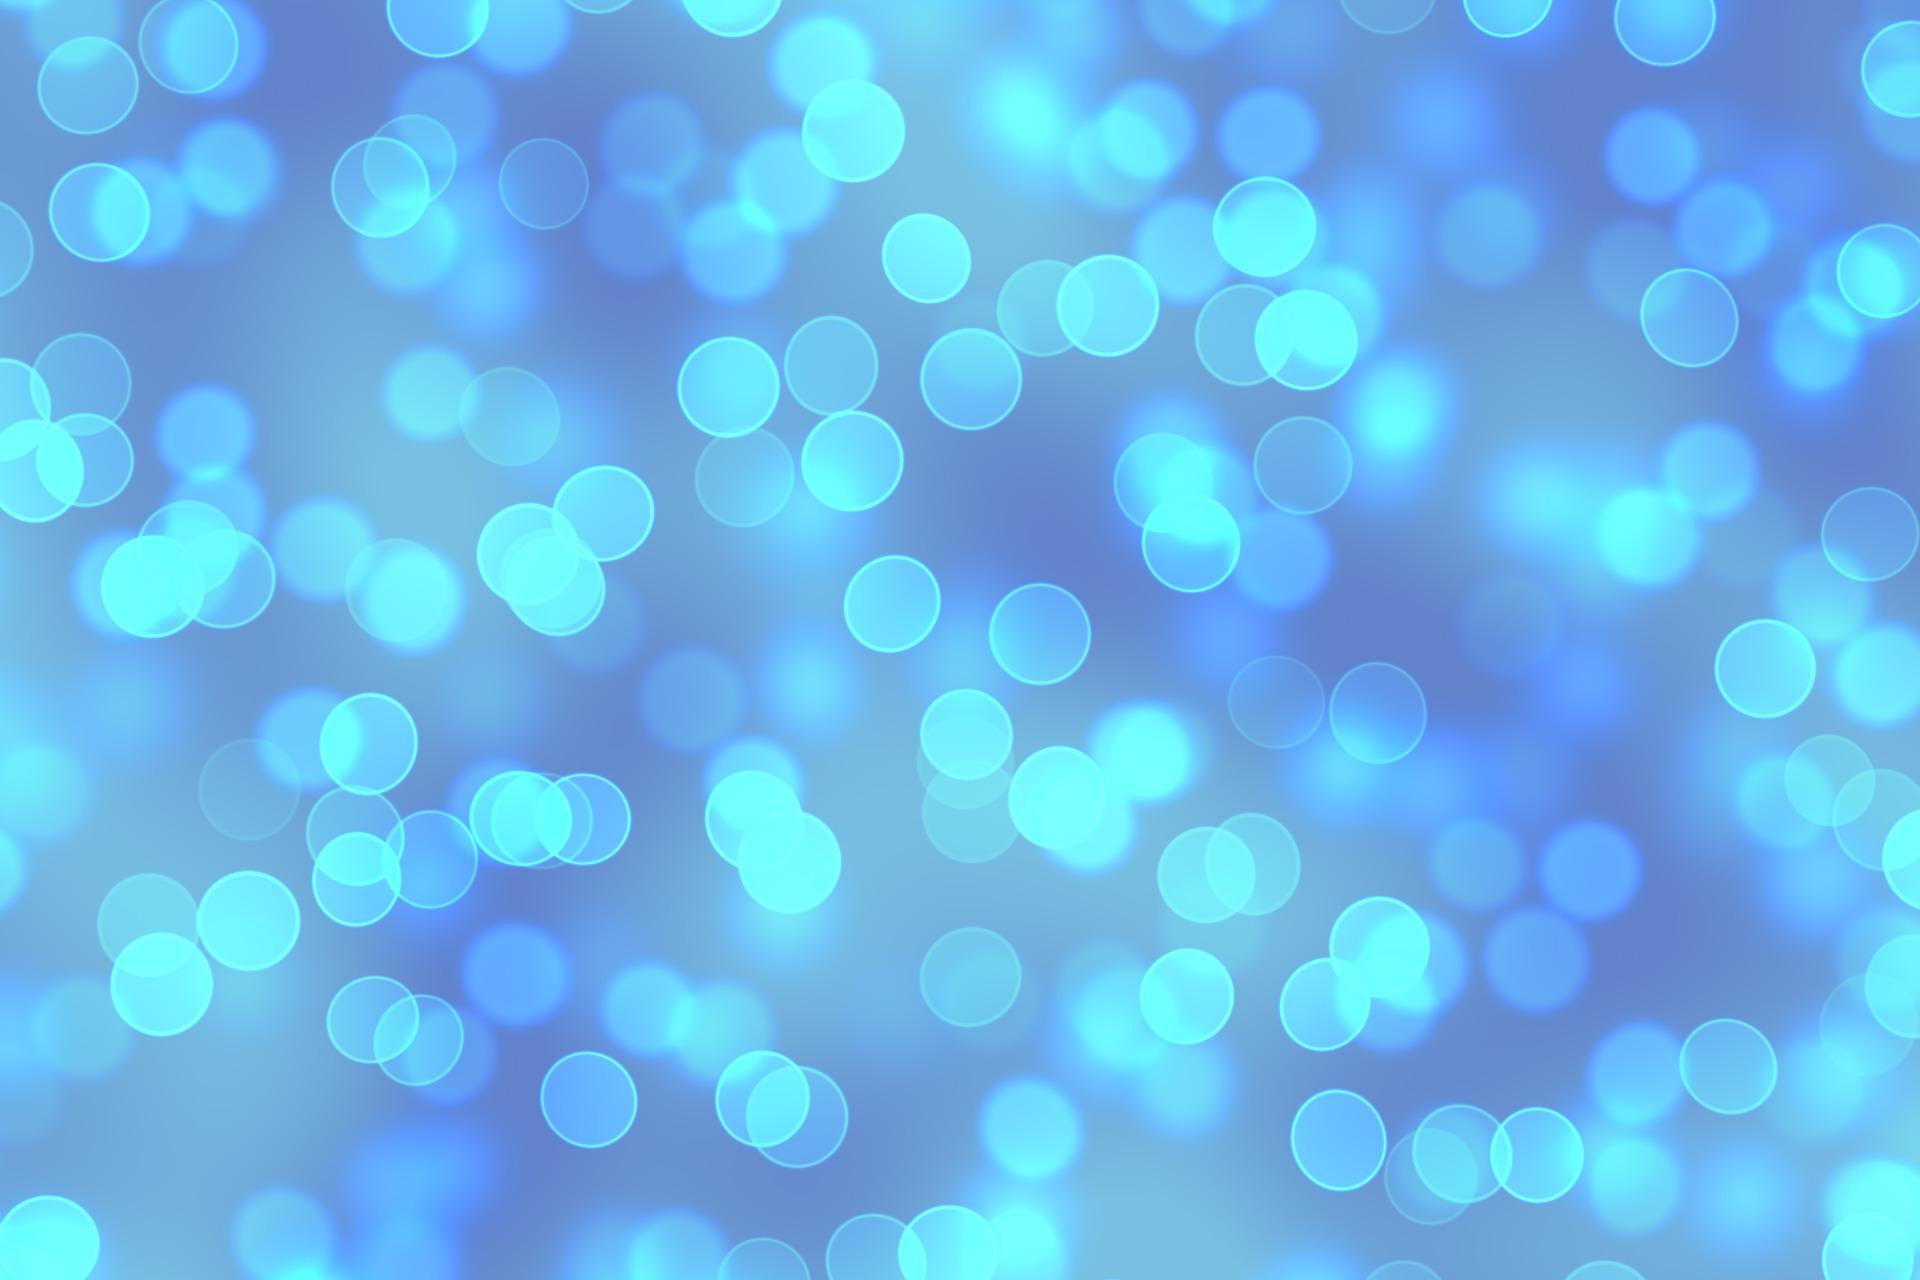 Luce blu: di che si tratta? -